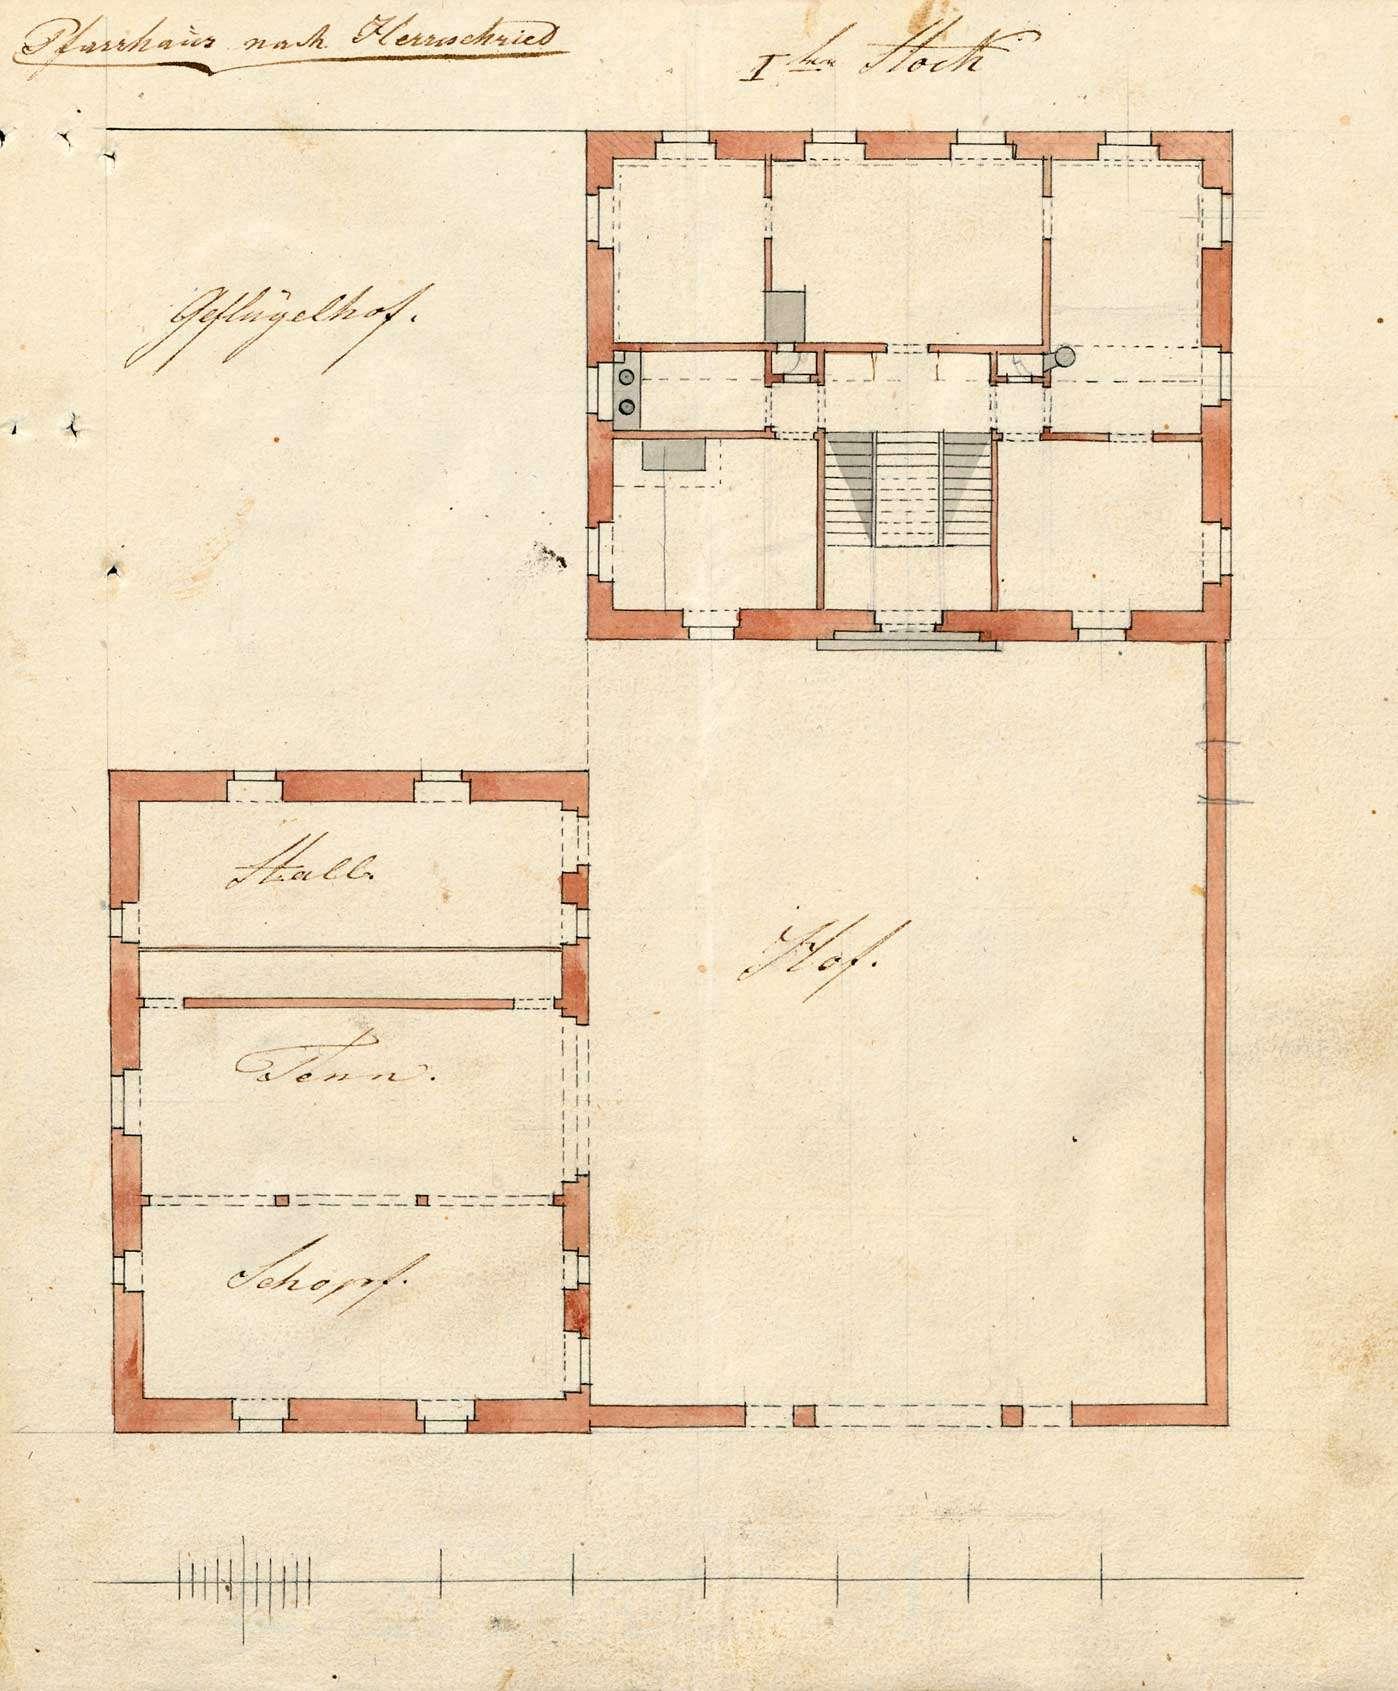 Erbauung der Pfarrgebäulichkeiten in Herrischried, Bild 3